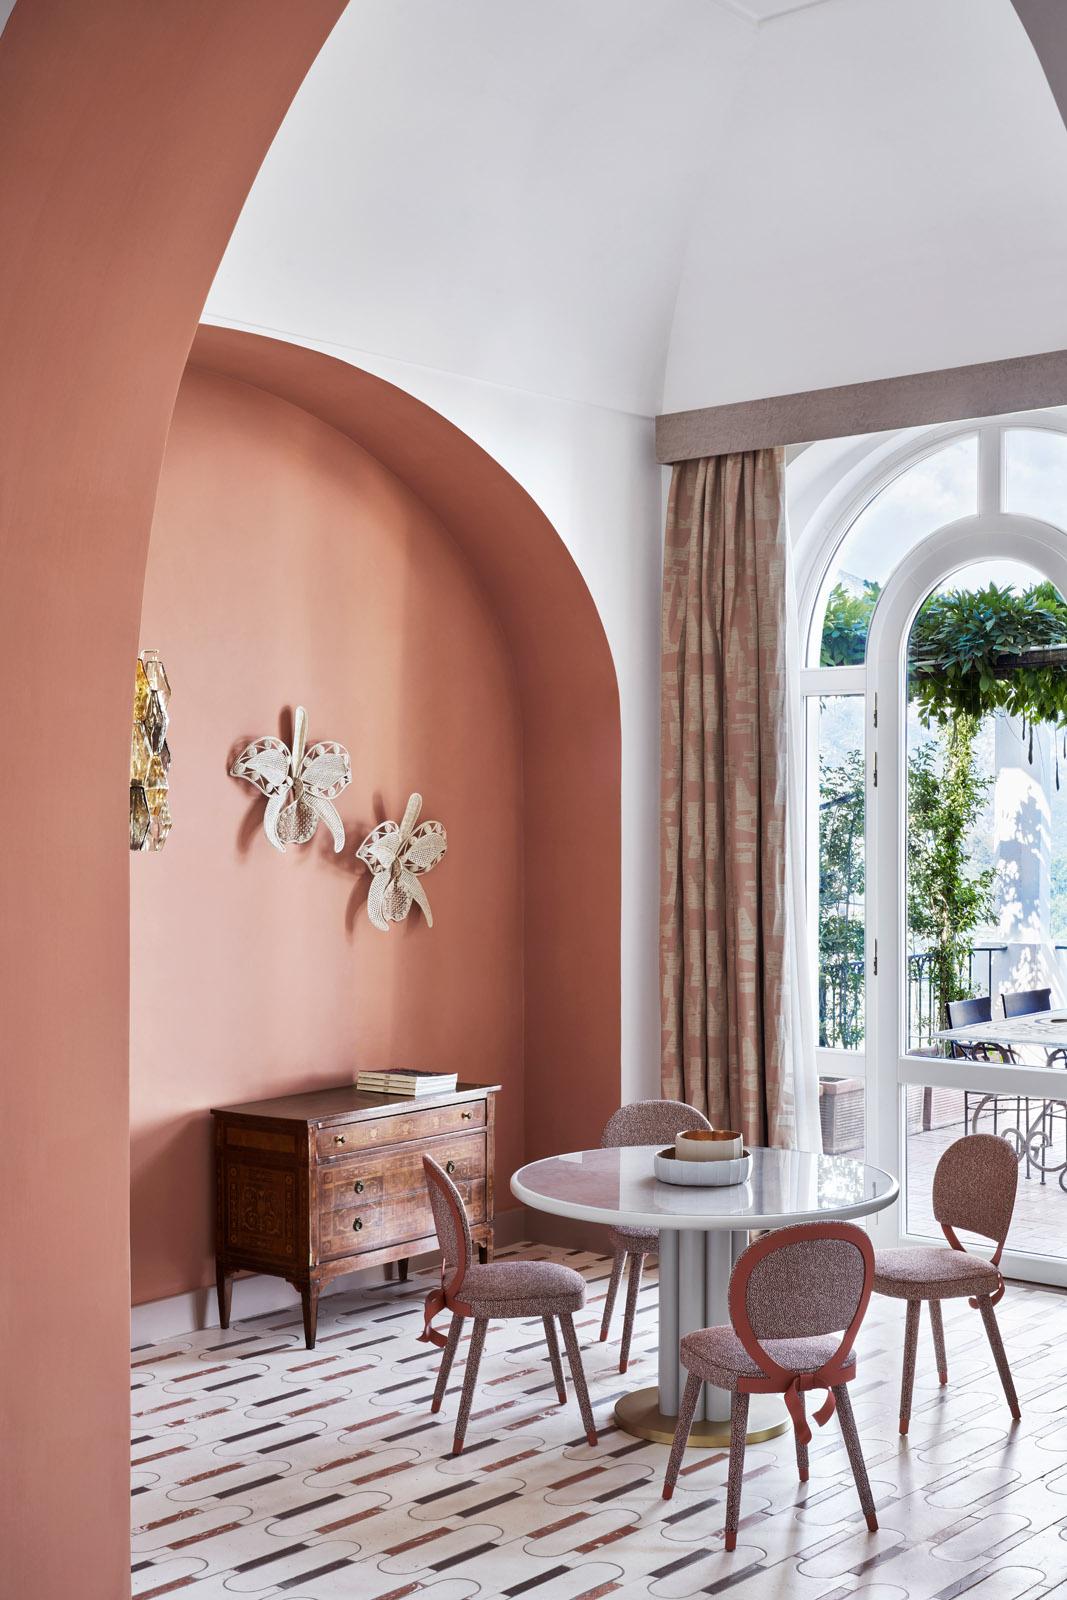 Stanze gioiello: Cristina Celestino a Palazzo Avino – Foto